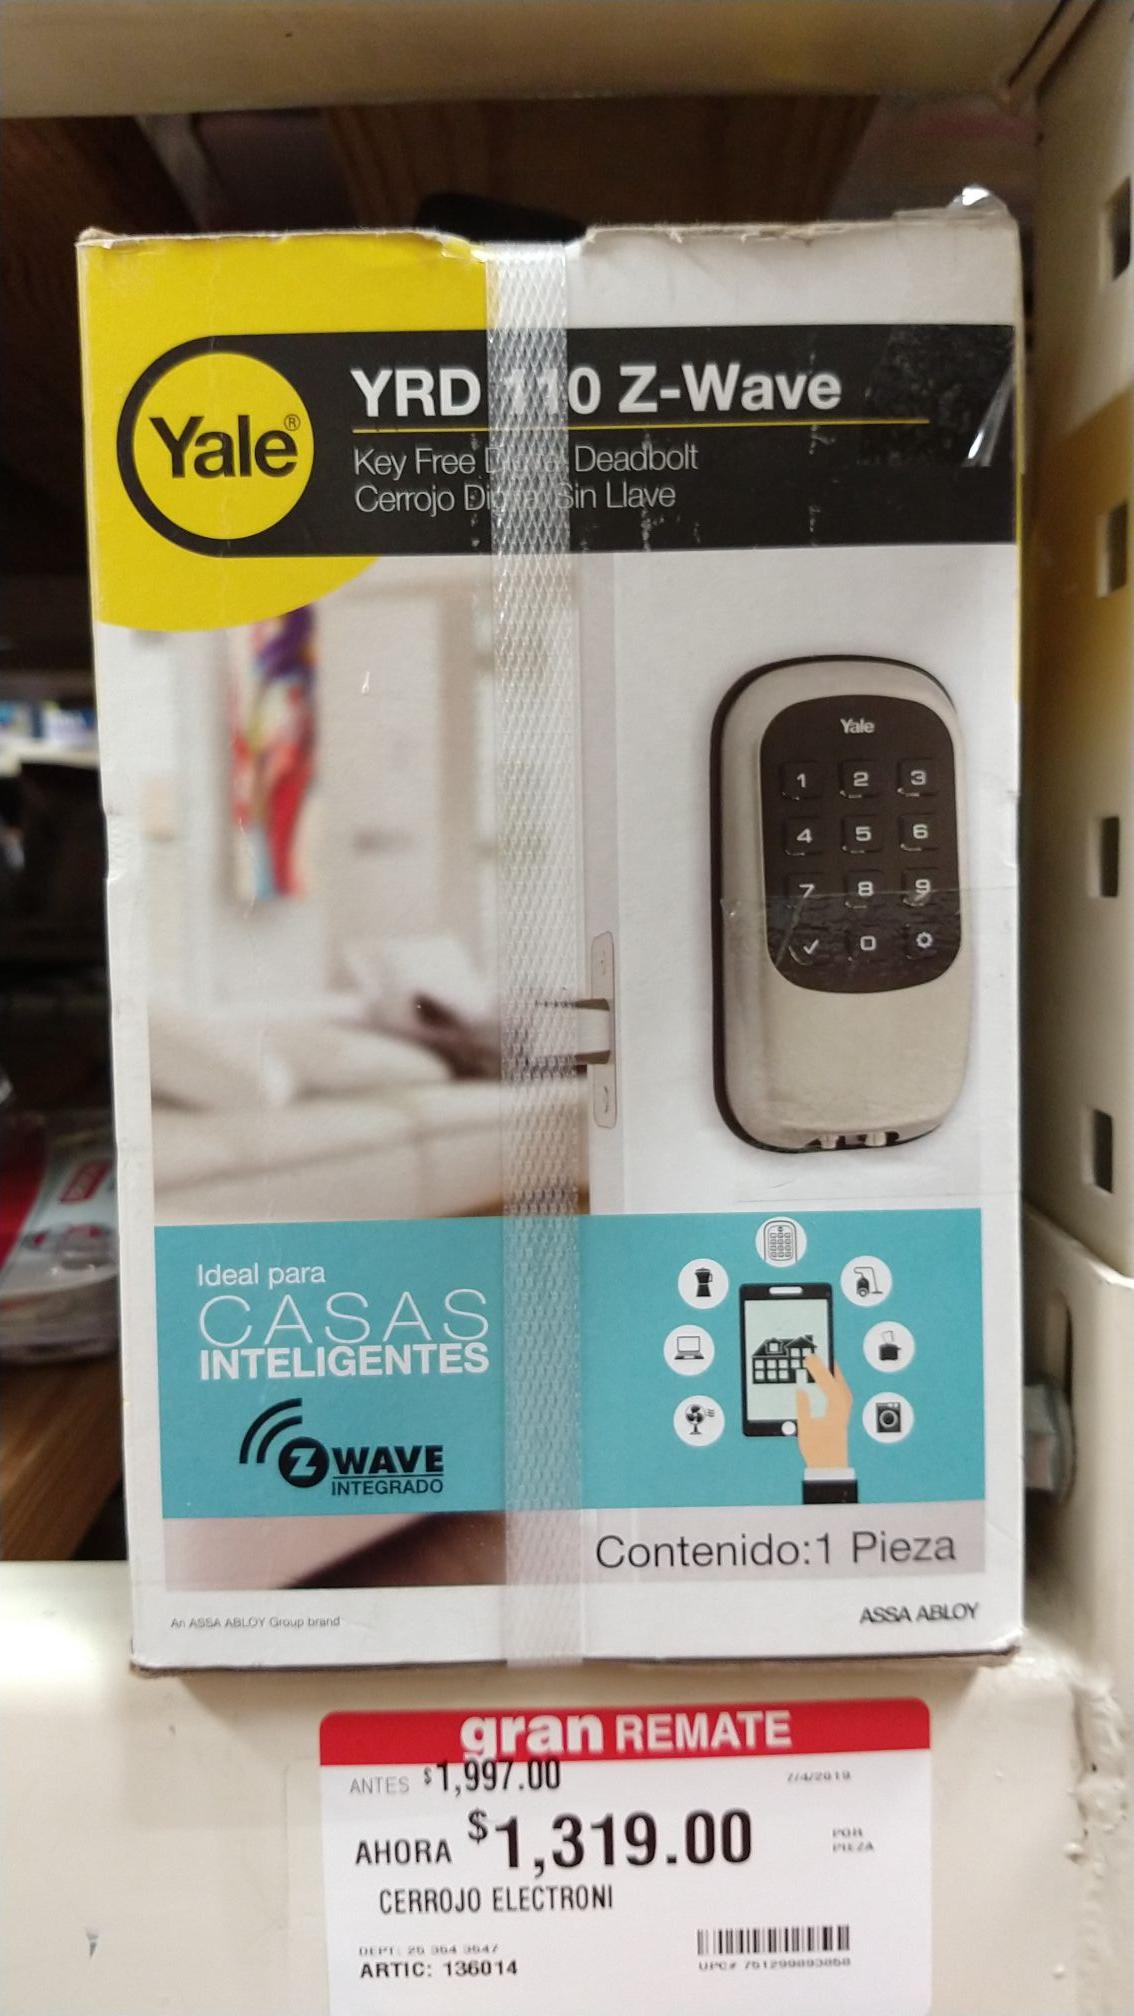 Home Depot/GDL, Cerradura digital Yale, con Z Wave compatible con Google Home, Amazon Alexa, Samsung smarthings